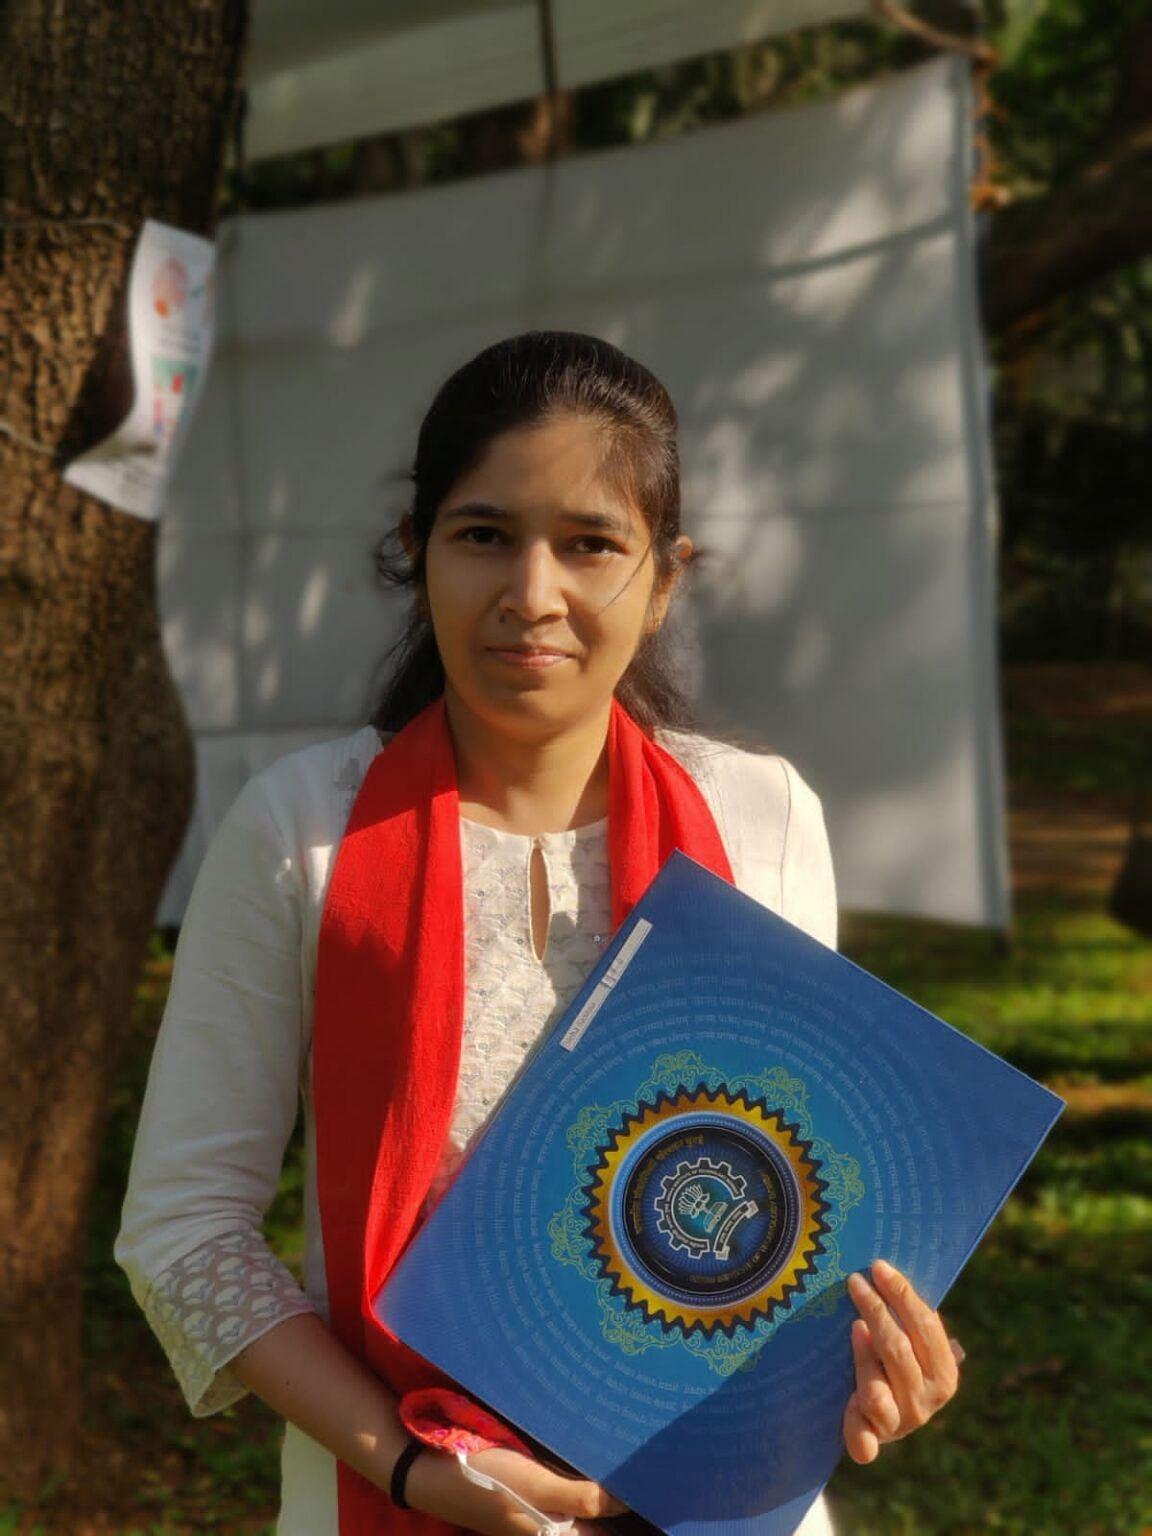 यूनिवर्सिटी ऑफ कैलिफोर्निया में पोस्ट डॉक फेलो के लिये चयनित हुई मथुरा की बेटी डॉ. नेहा सक्सेना